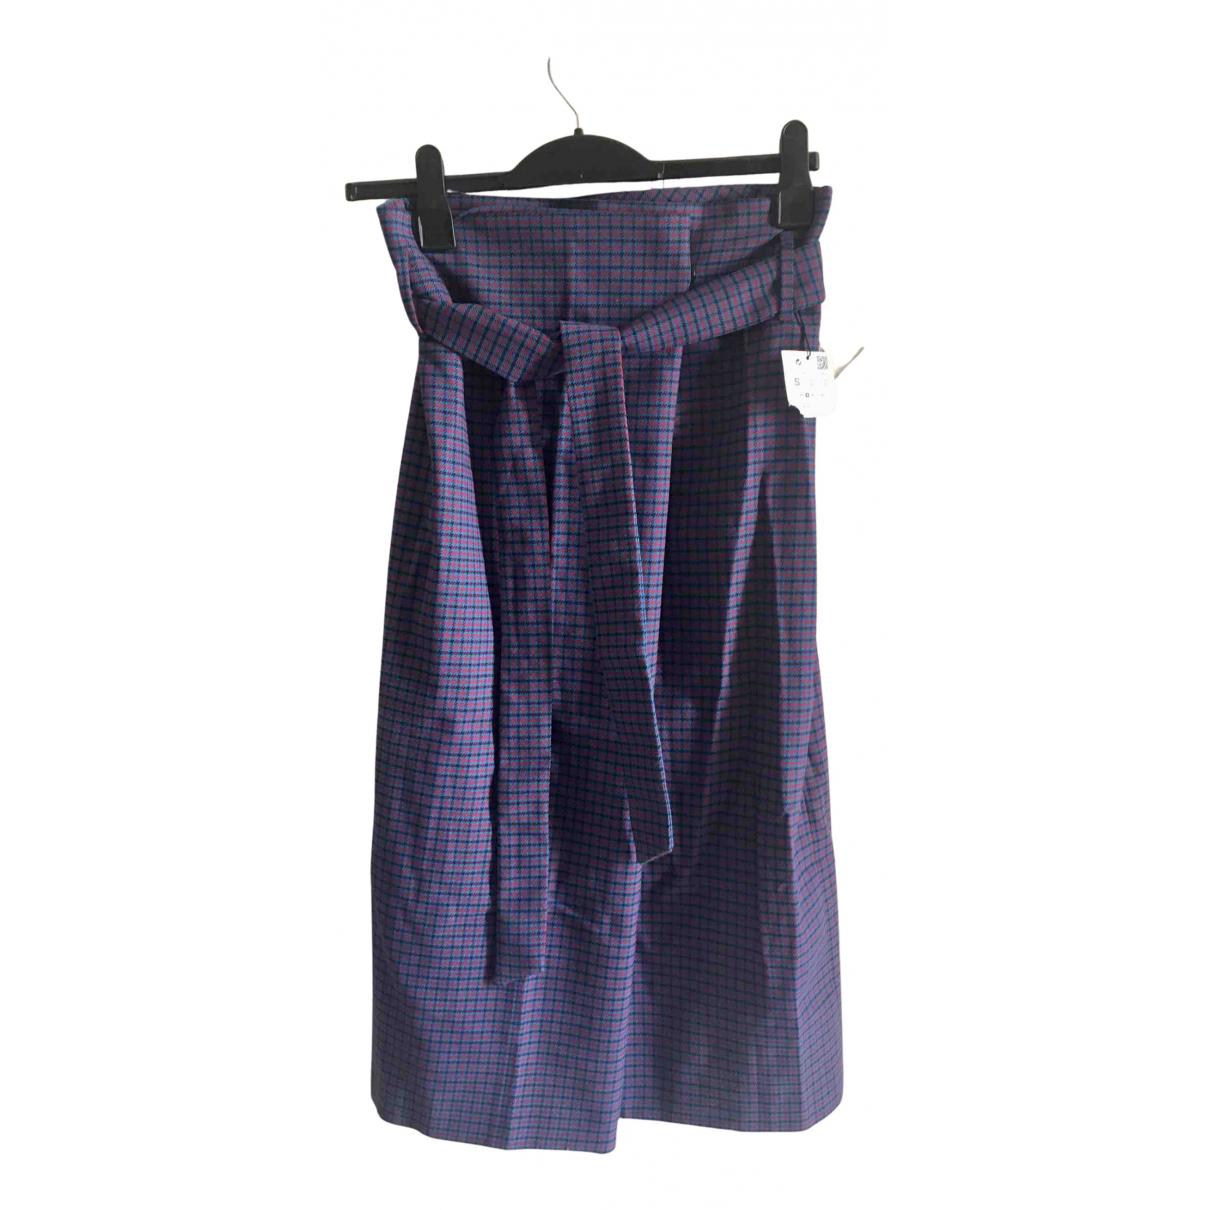 Zara - Jupe   pour femme en laine - multicolore